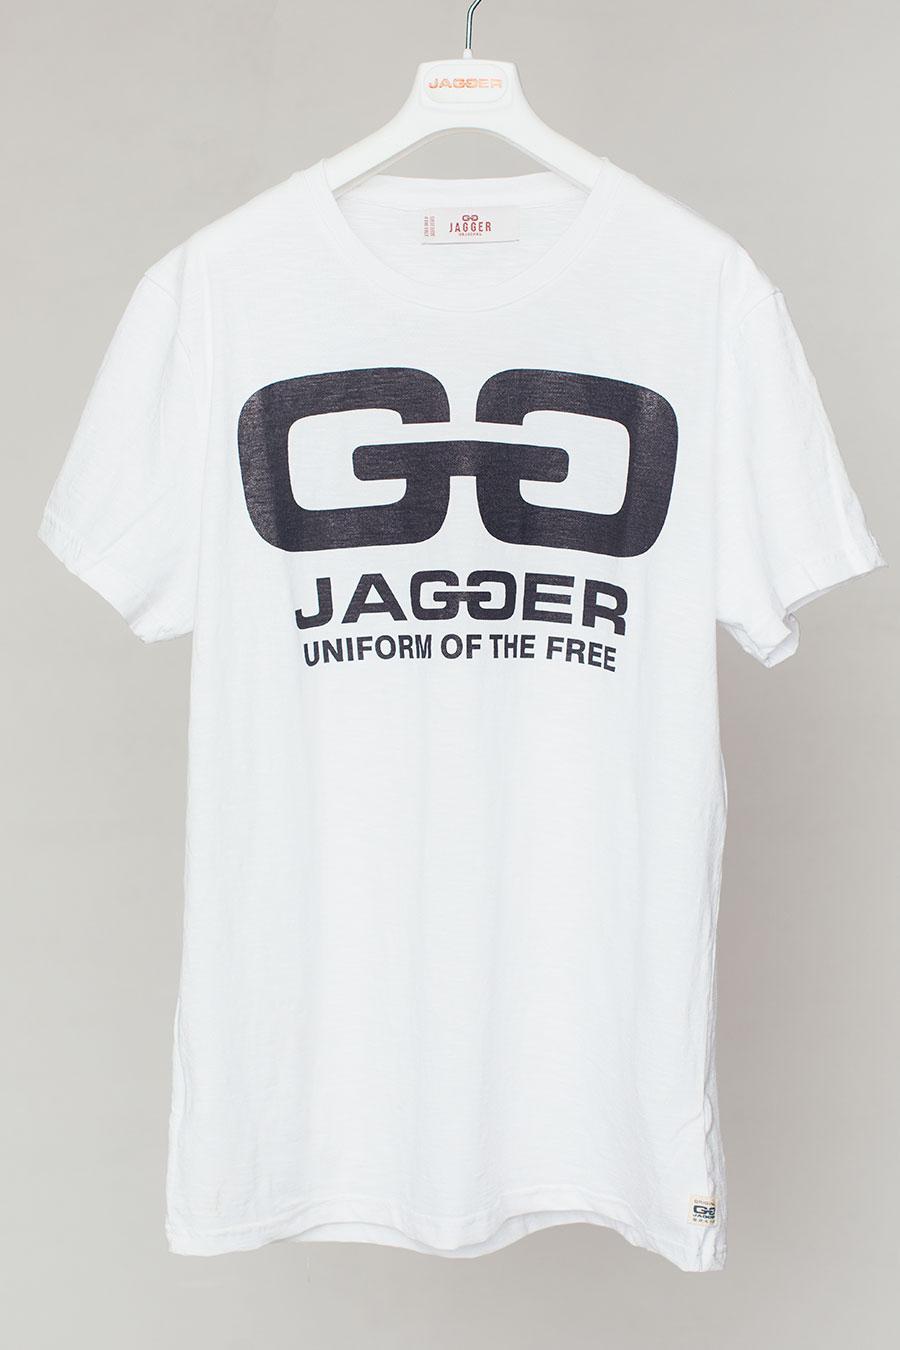 jagger zmuska majica kolekcija prolece leto 2021 ss 2021 kupi online jm 3022 02